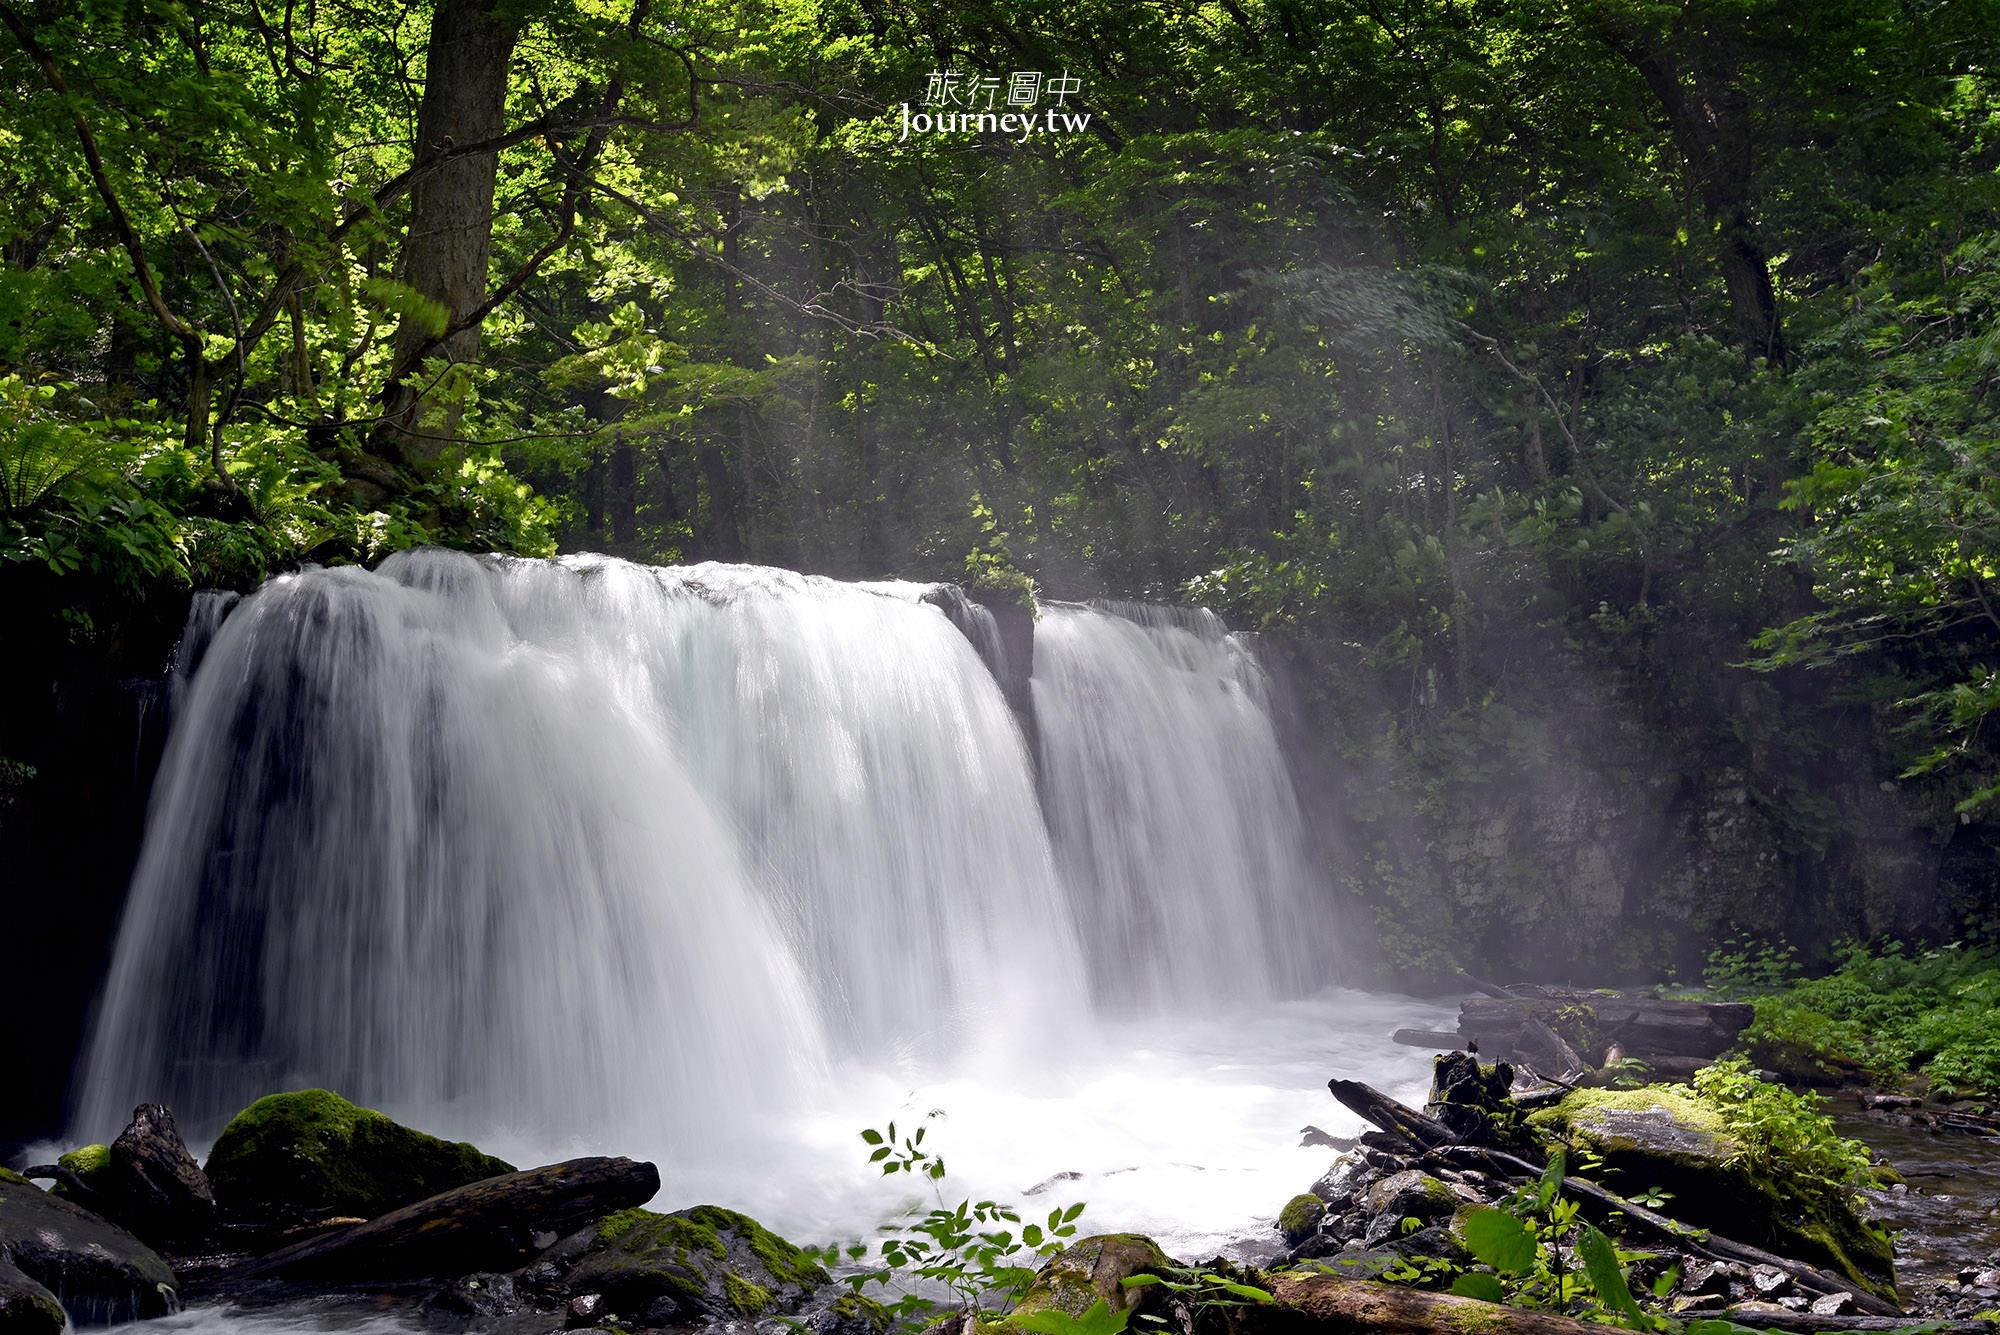 壁纸 风景 旅游 瀑布 山水 桌面 2000_1335